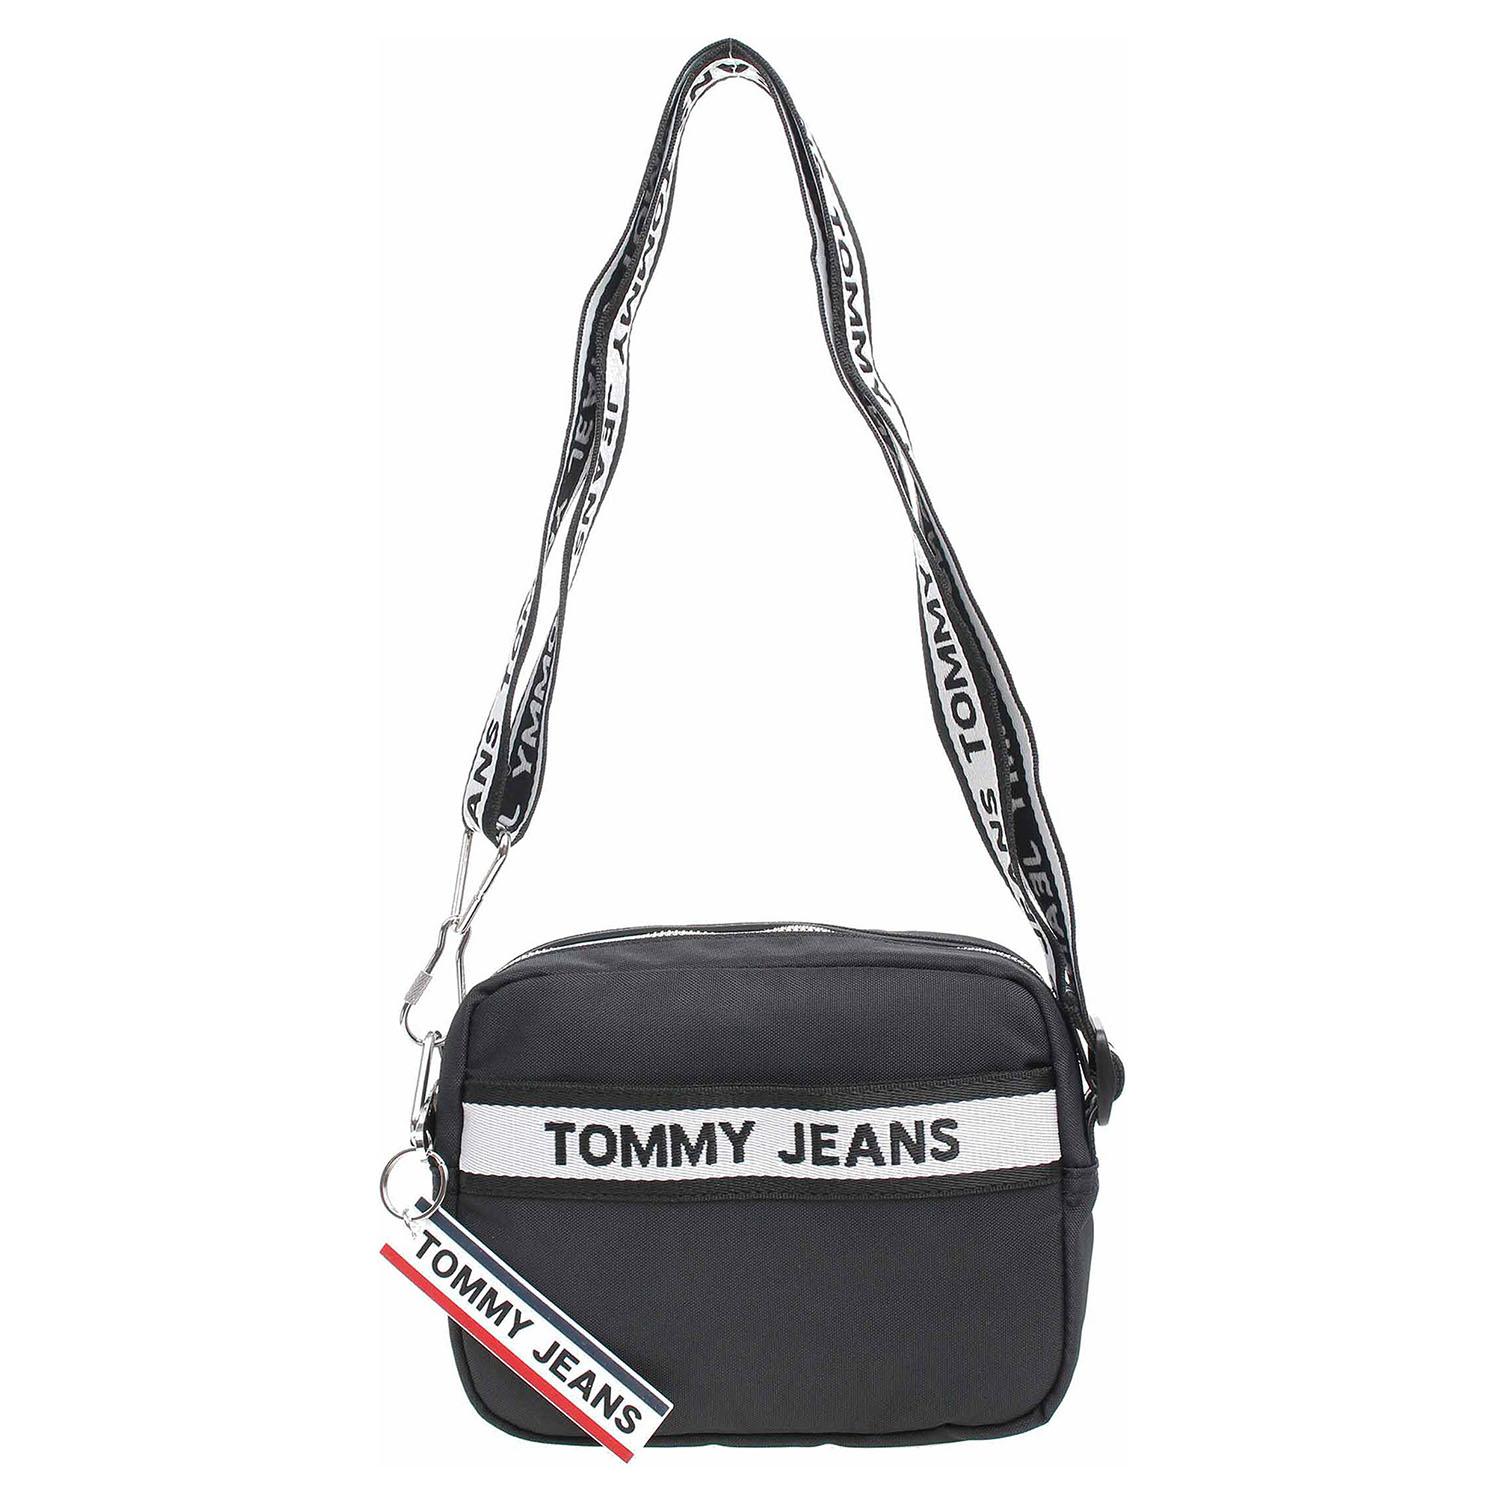 Ecco Tommy Hilfiger dámská kabelka AW0AW08255 0GJ black 11891720